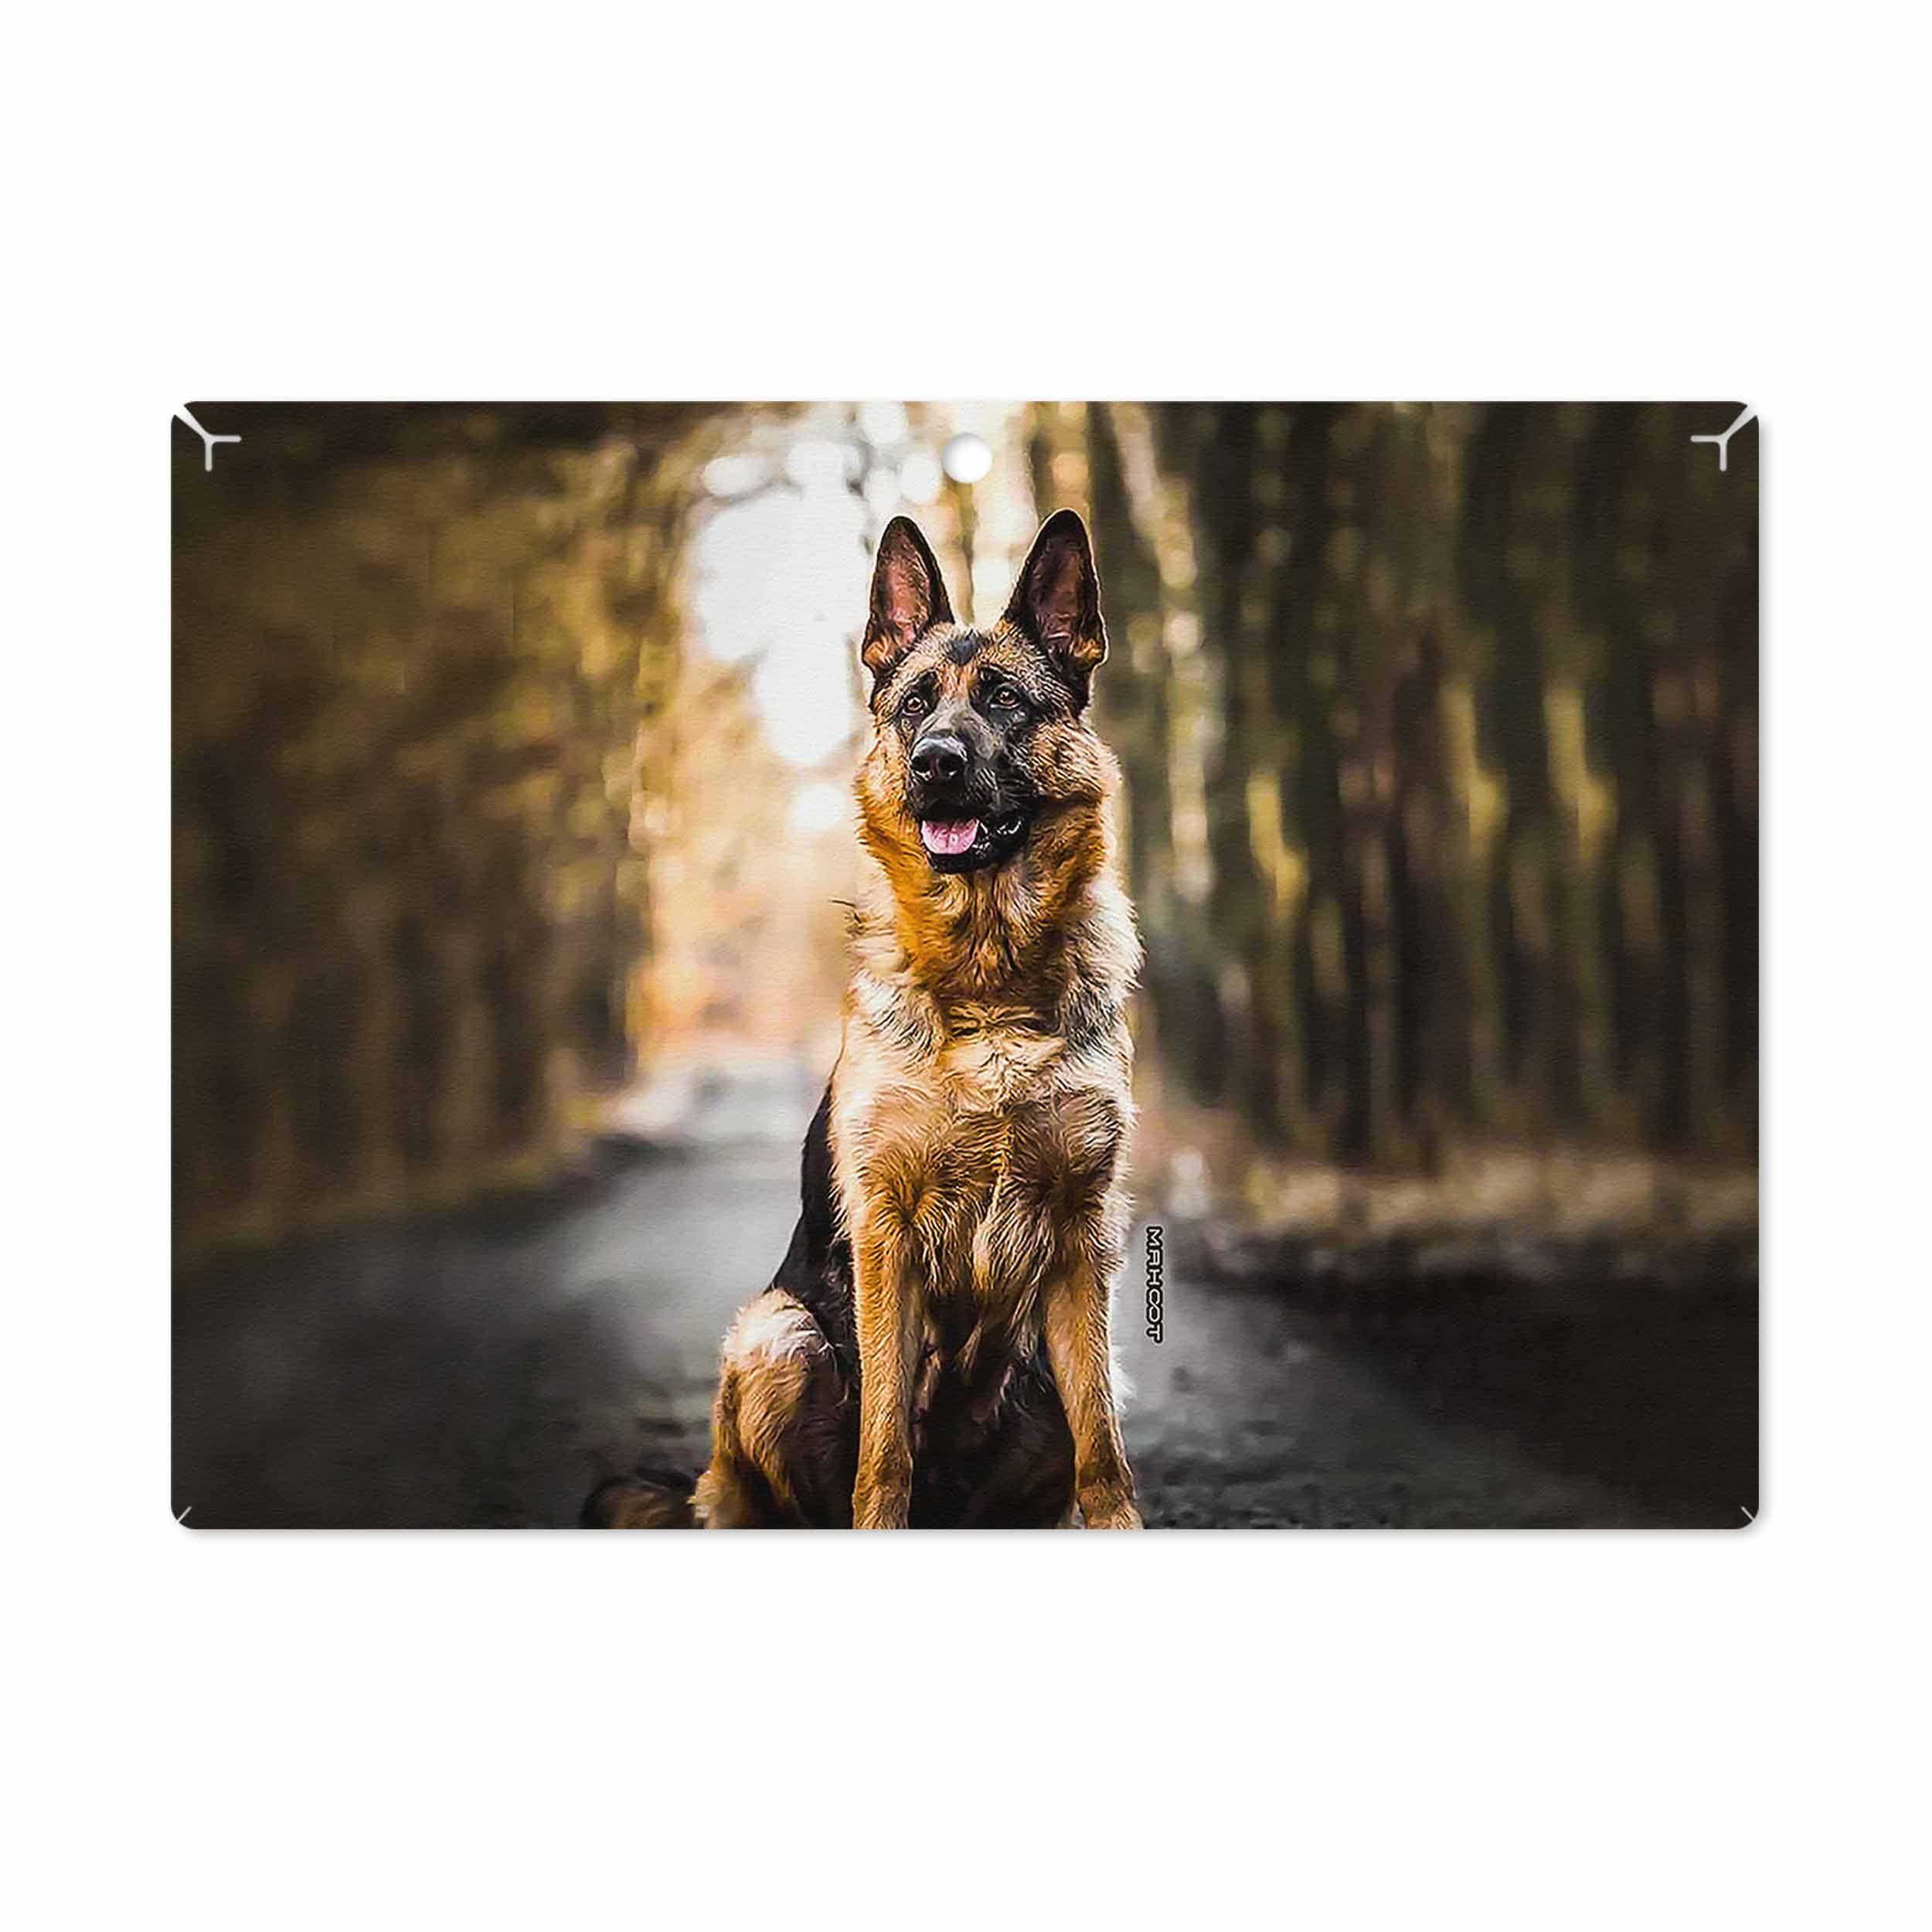 بررسی و خرید [با تخفیف]                                     برچسب پوششی ماهوت مدل Dog-1 مناسب برای تبلت لنوو Miix 320 2017                             اورجینال